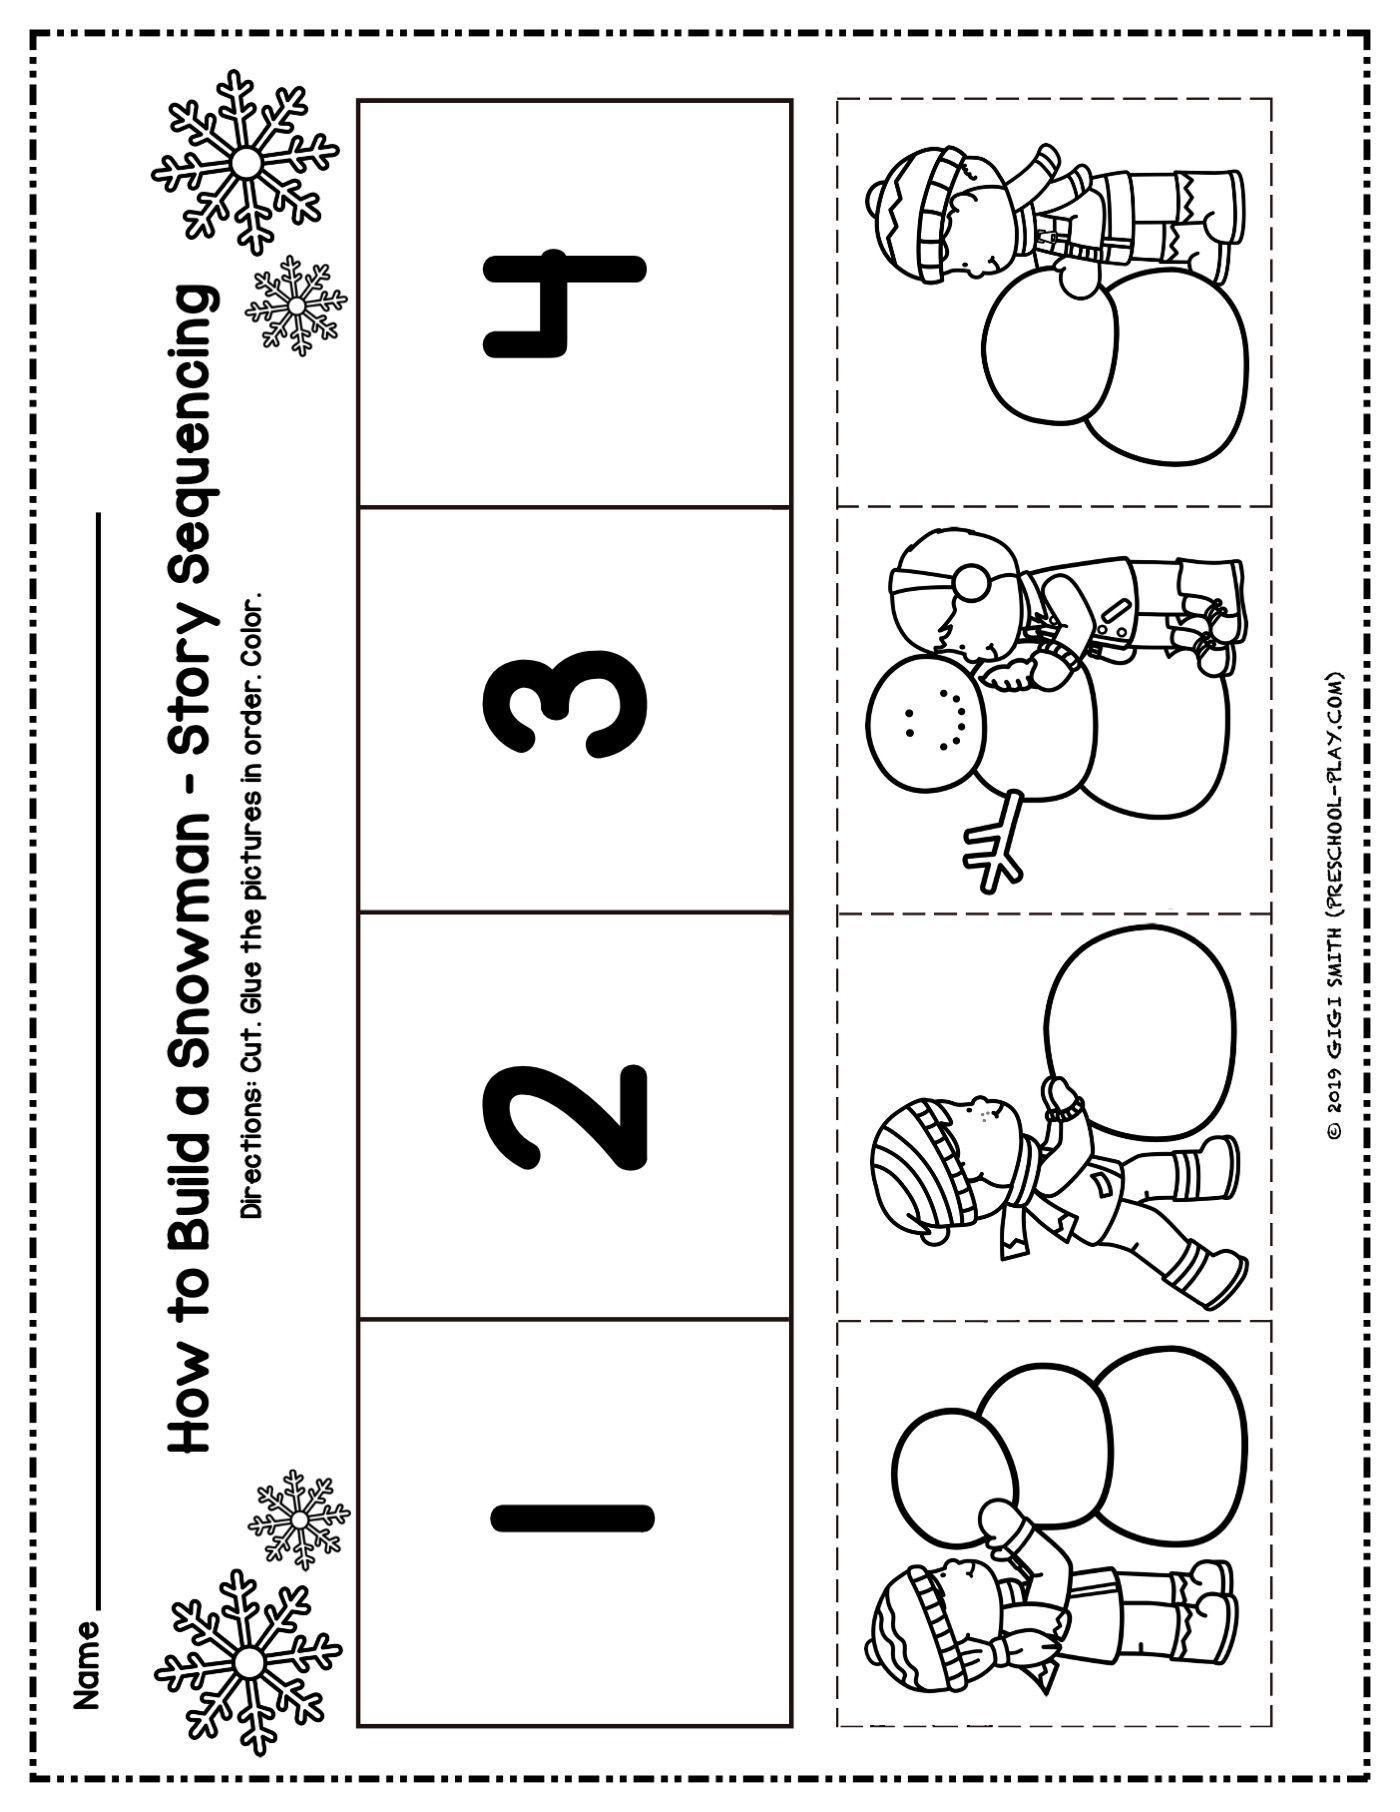 Winter Math And Literacy Activities Preschool Play Sequencing Activities Kindergarten Preschool Winter Worksheets Literacy Activities Preschool [ 1812 x 1400 Pixel ]